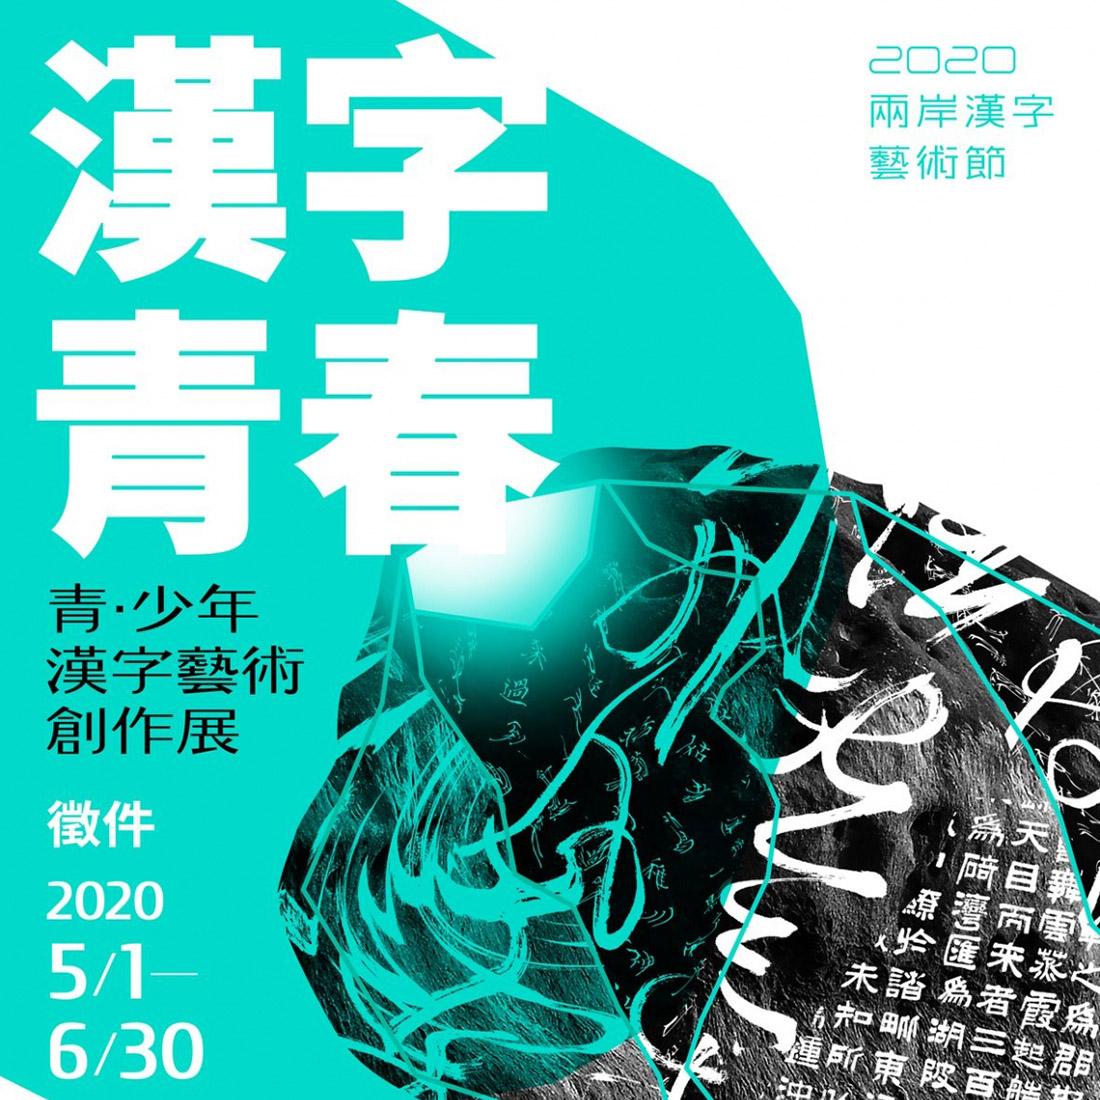 2020兩岸漢字文化藝術節「漢字青春:青.少年漢字藝術創作展」徵件